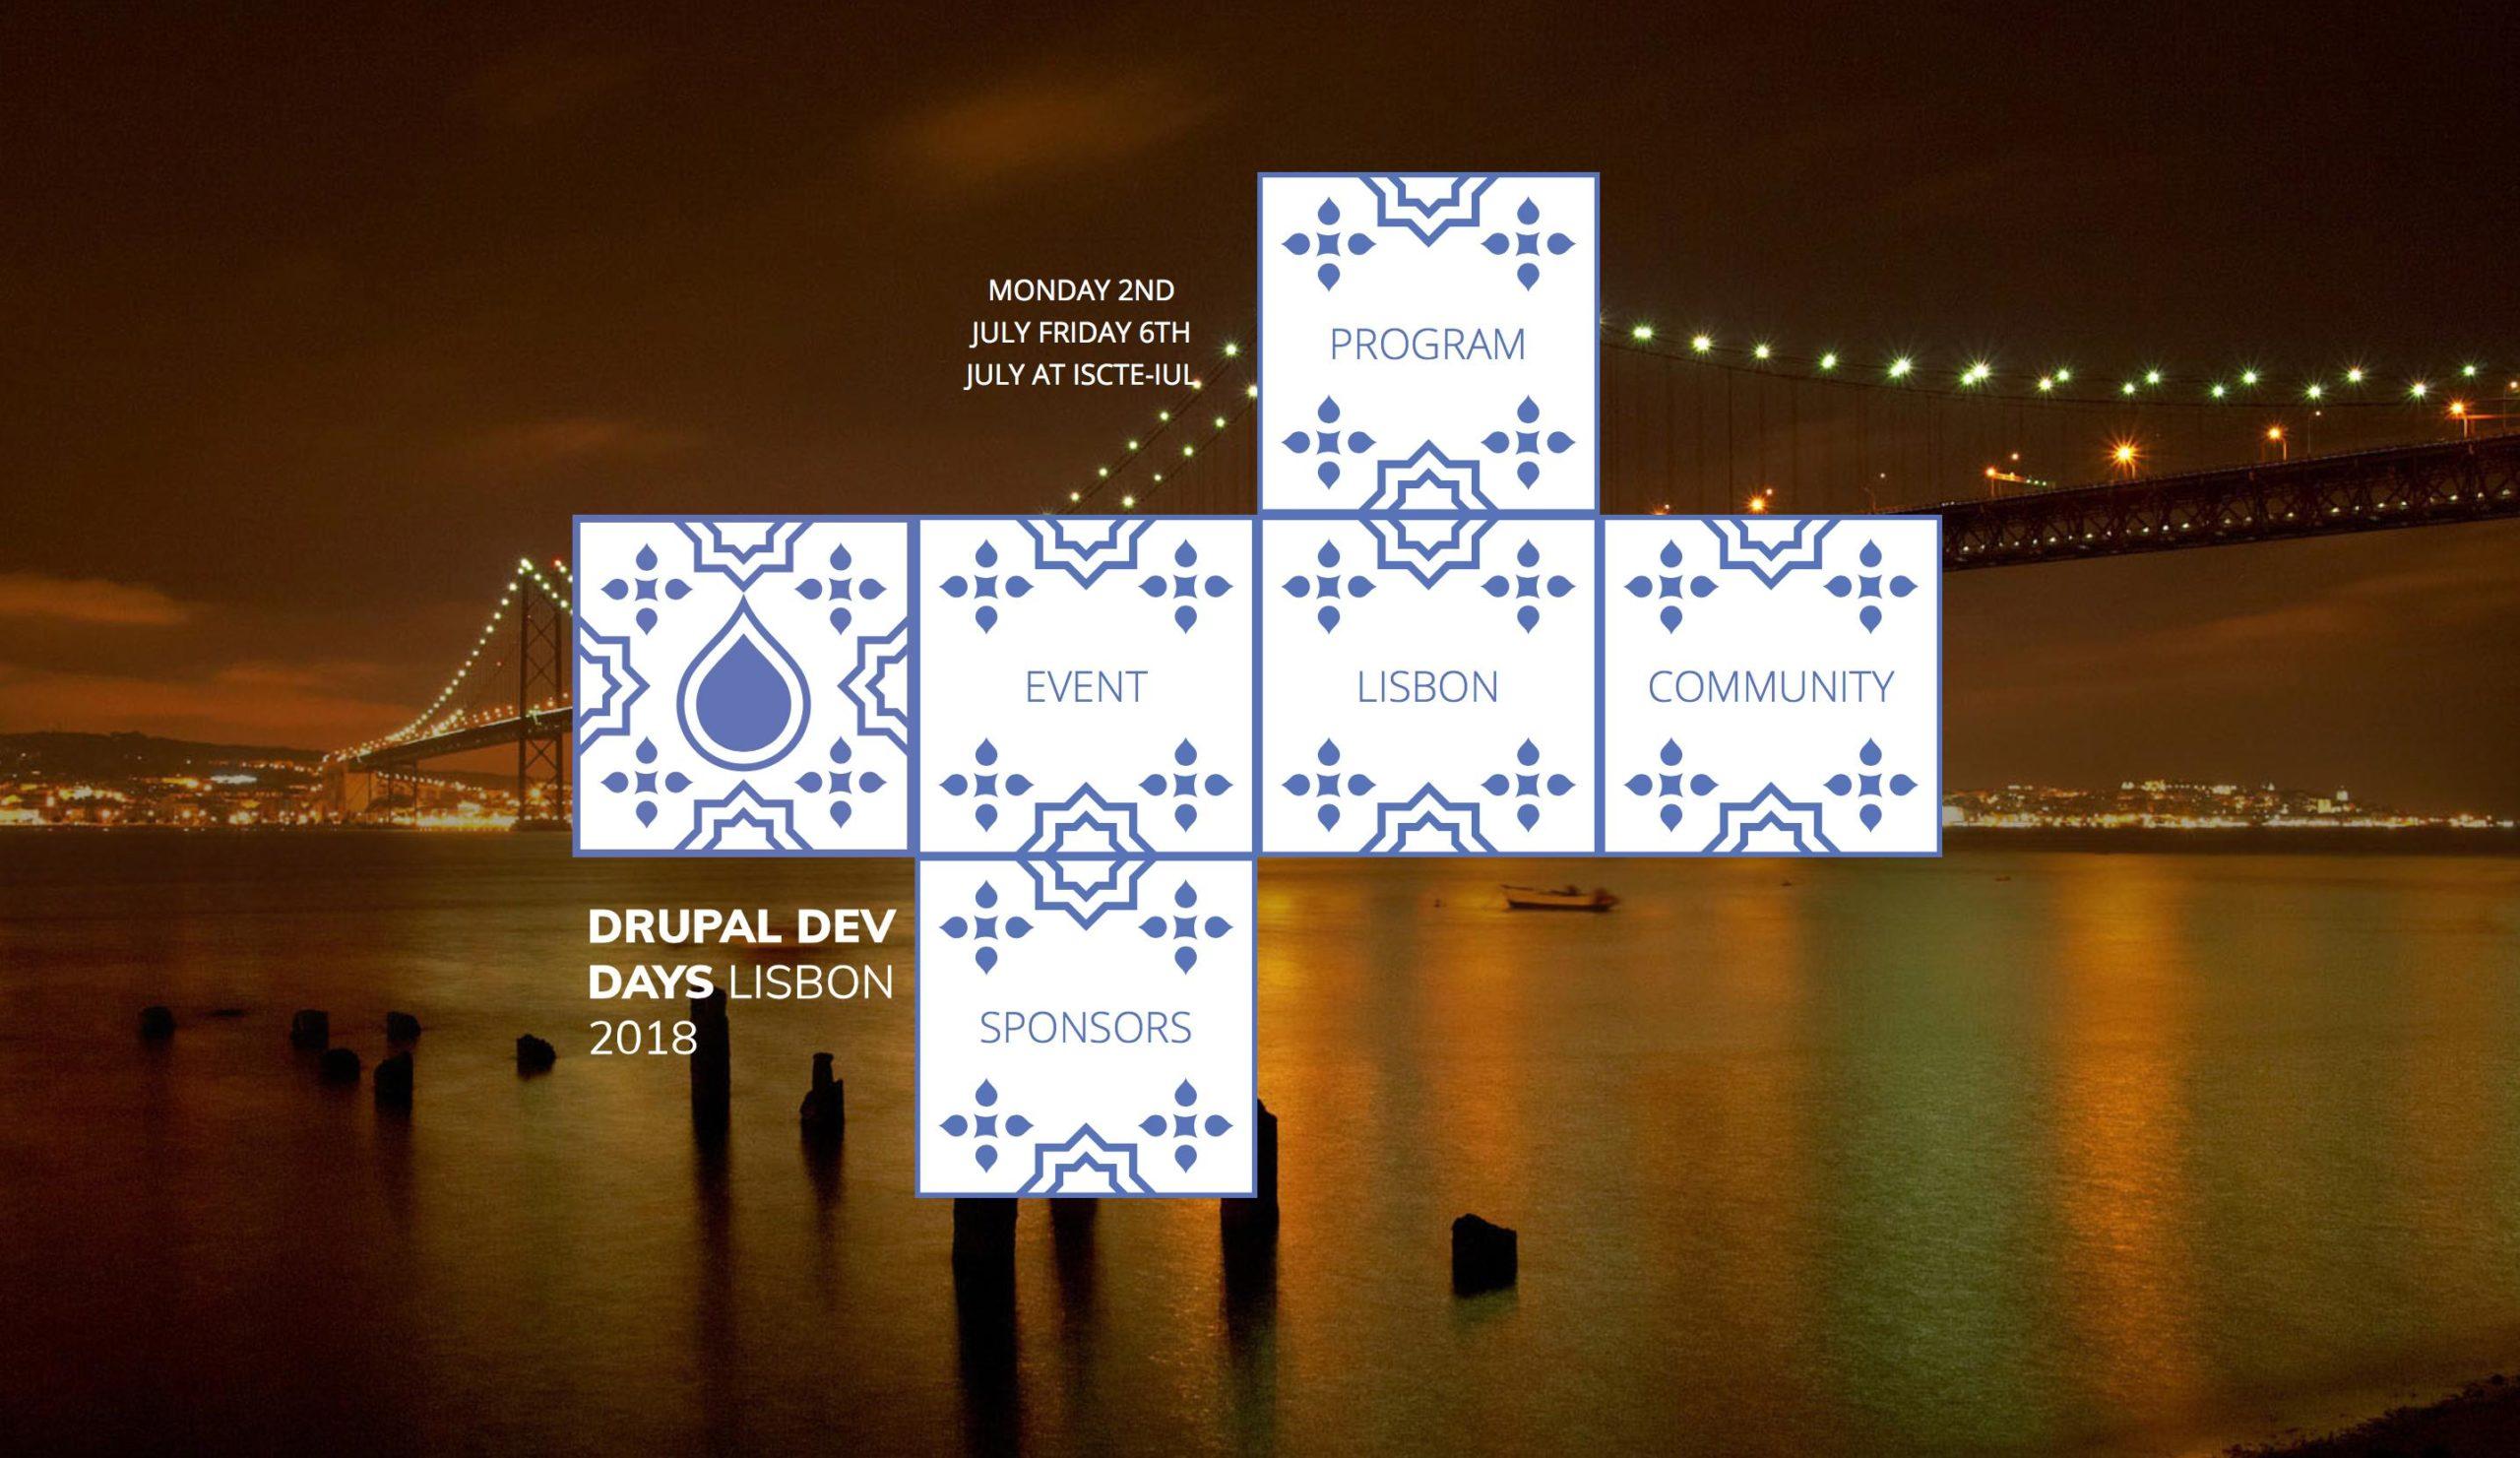 Drupal Dev Days Lisbon 2018